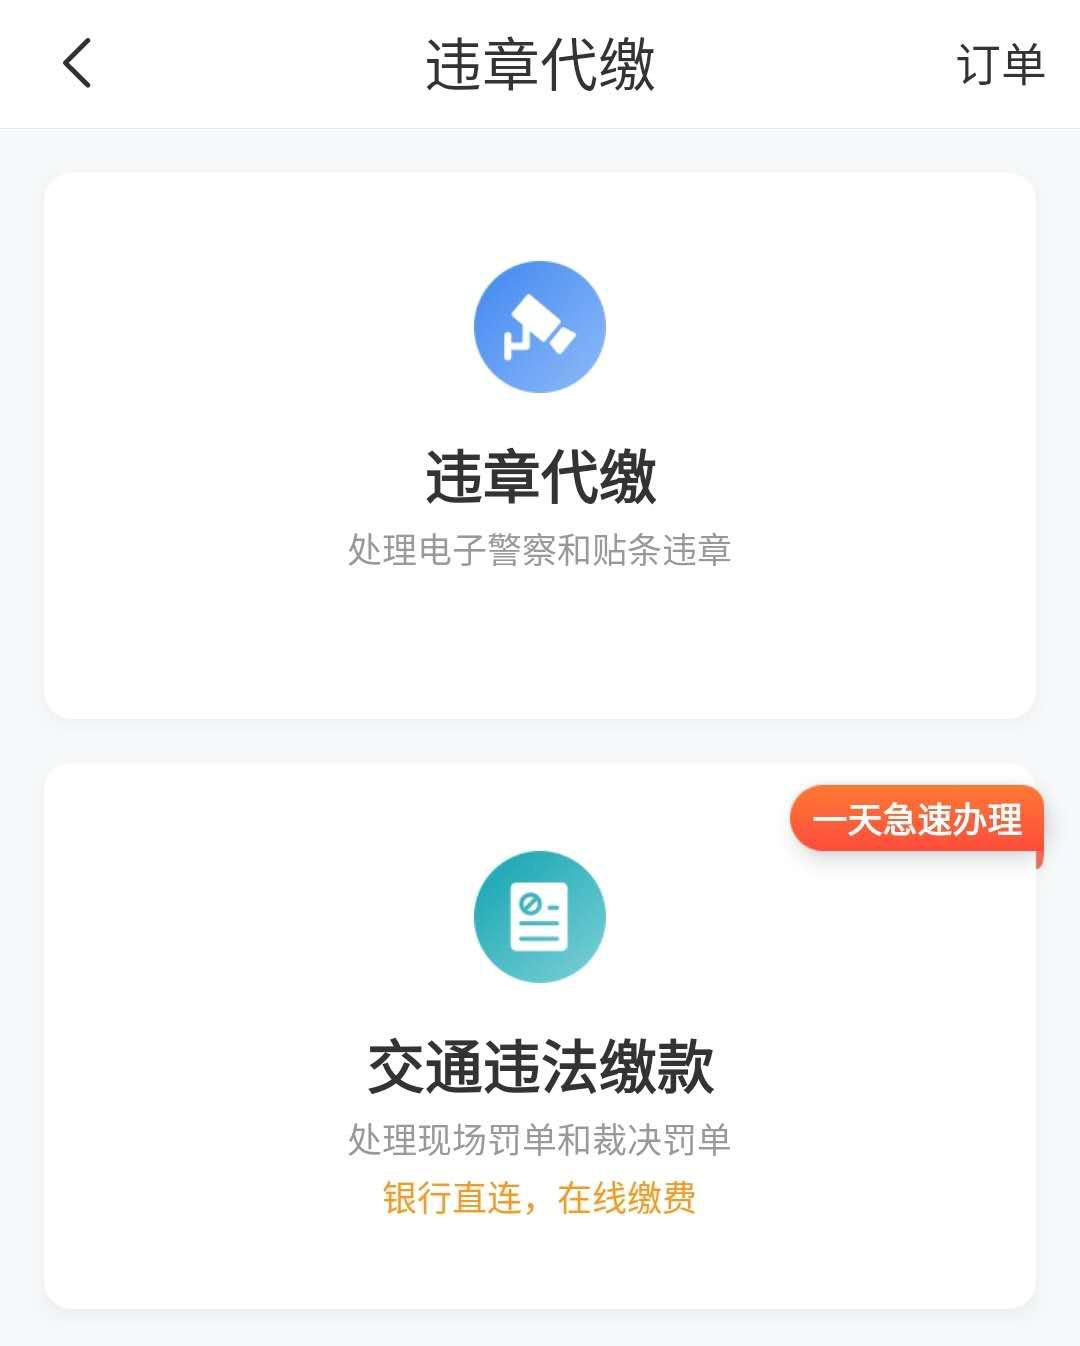 车轮app提醒您,北京升级电子警察,执法抓拍更严格!